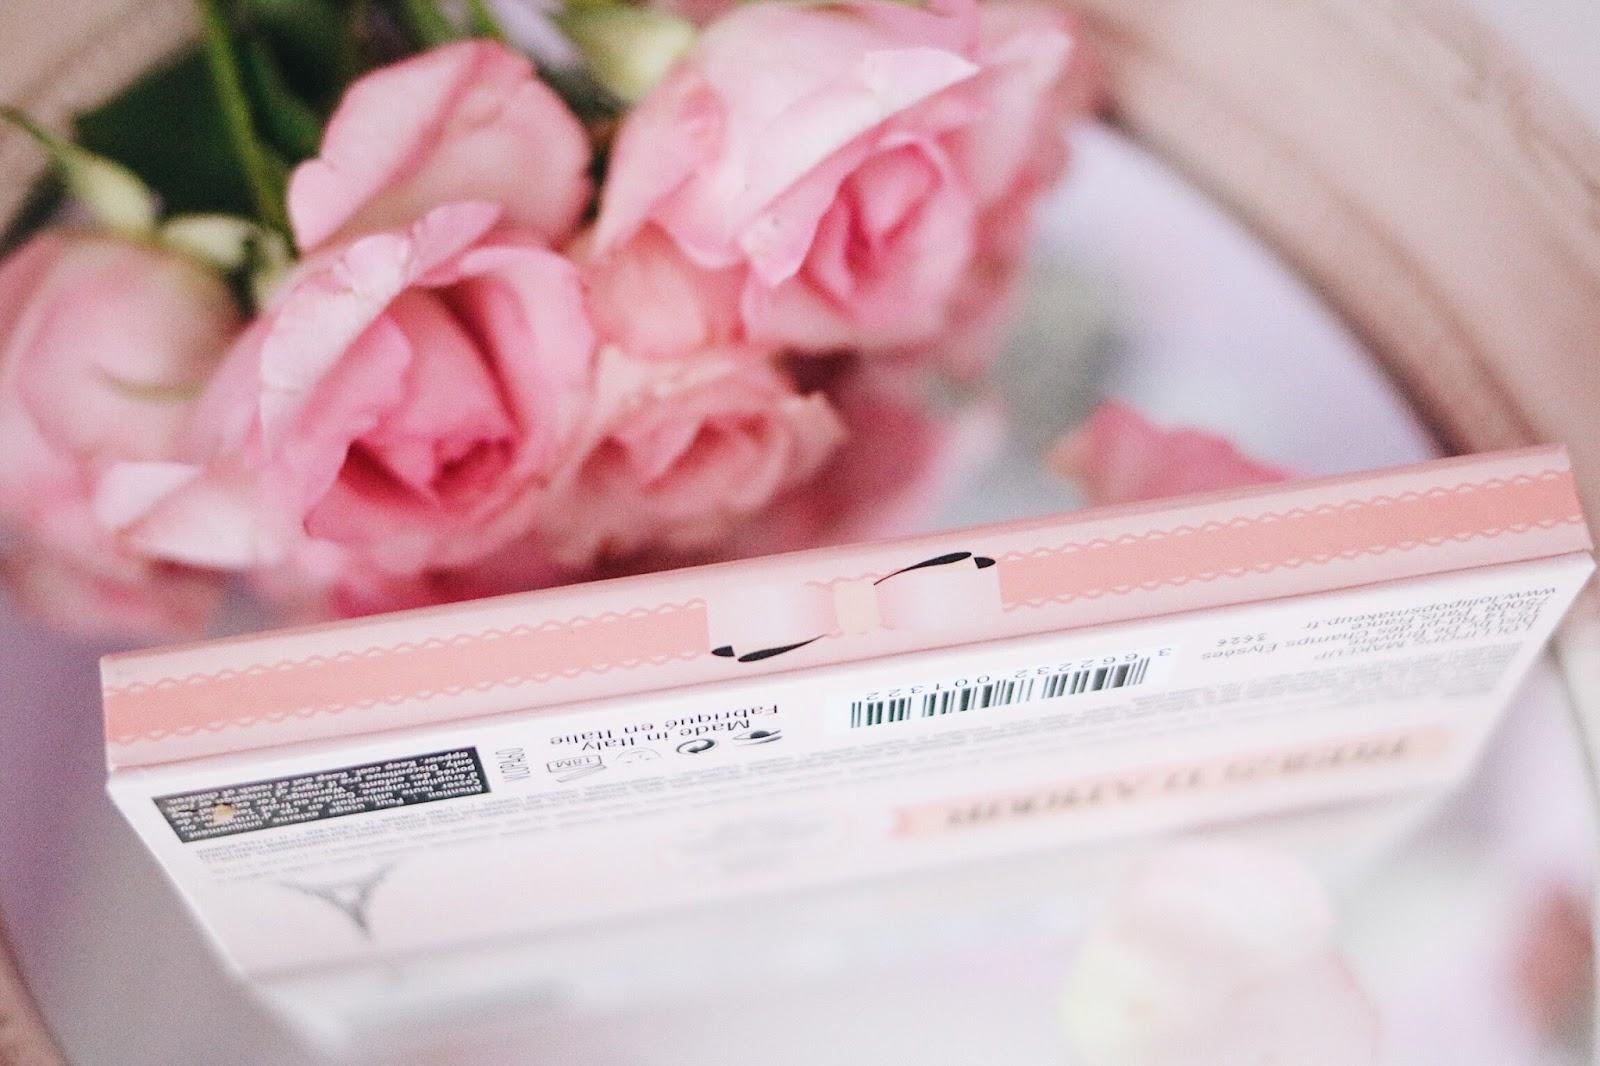 Lollipops Paris , Monoprix , Palette Roses d'amour , lollipops cosmétiques , revue , avis , swatch , rosemademoiselle , rose mademoiselle , blog beauté , paris